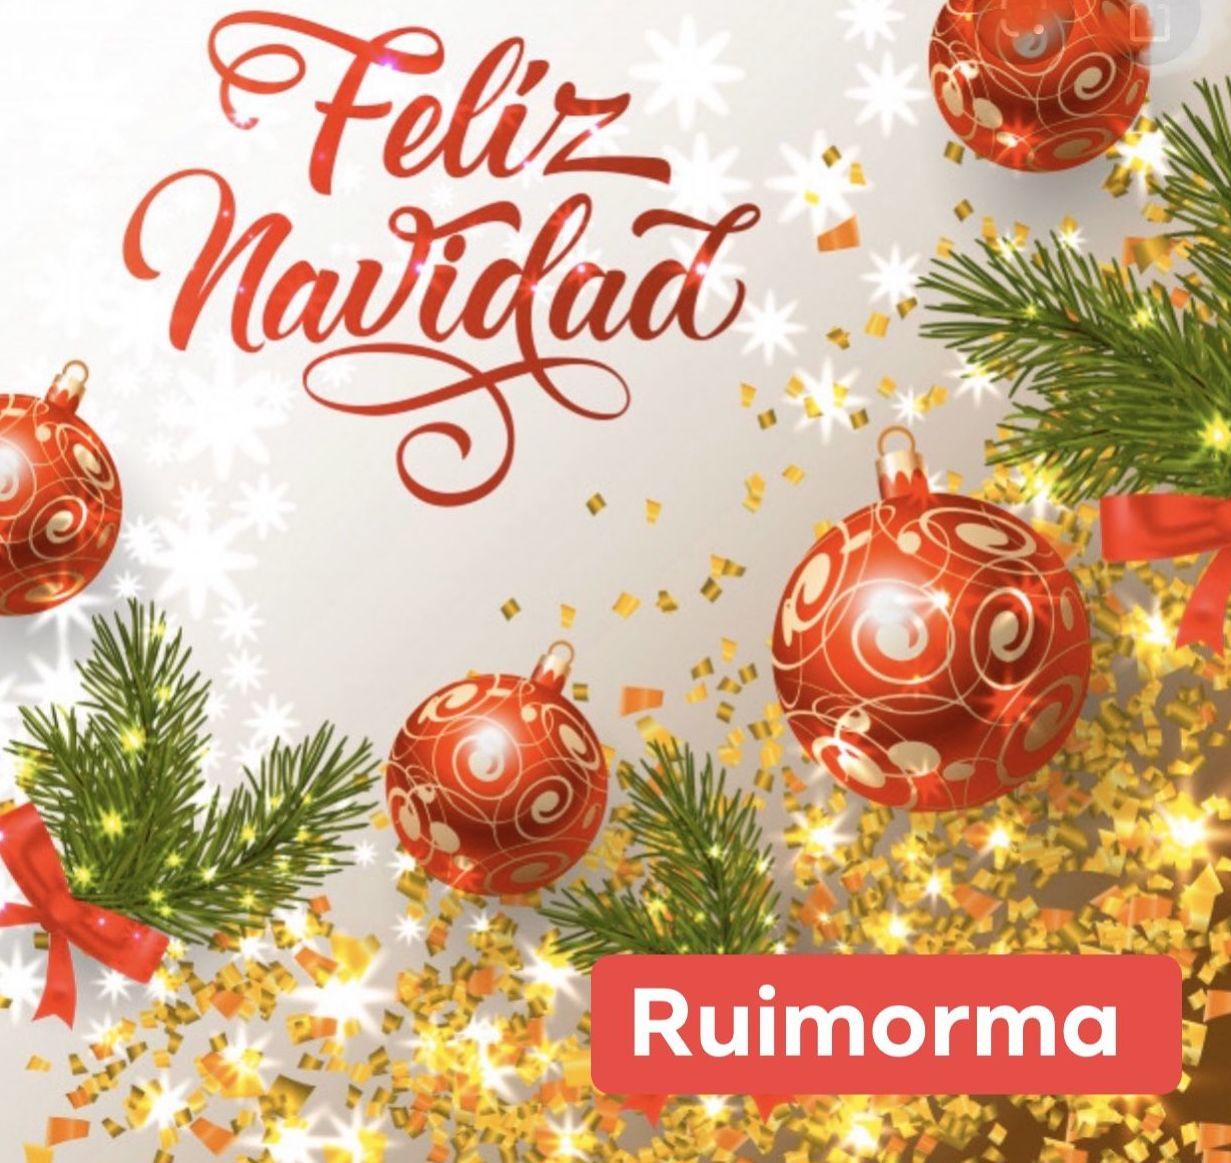 Ruimorma, reparación de antenas en Plaza de Castilla.